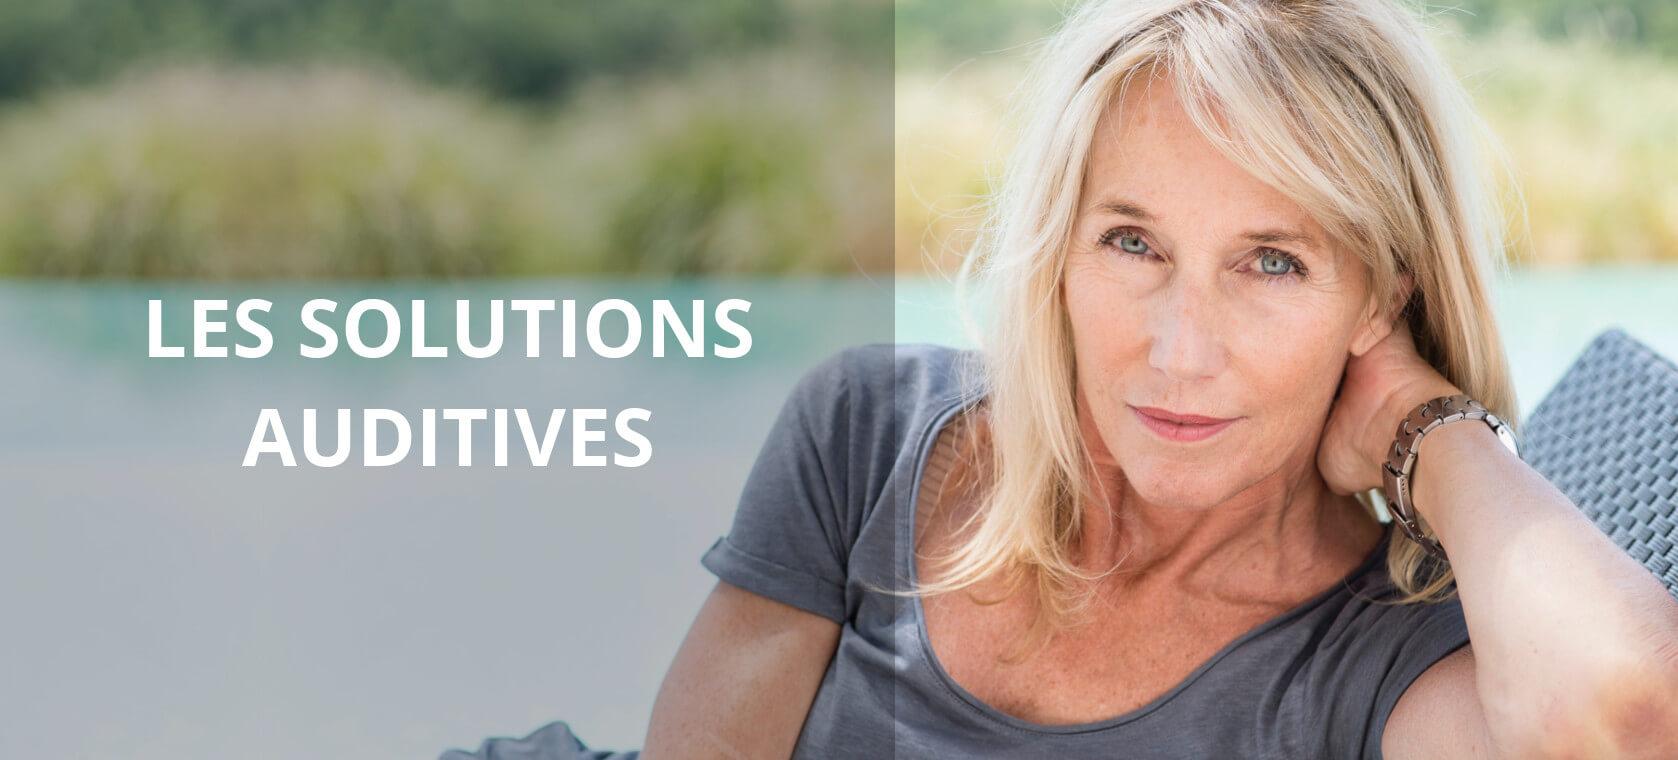 Solutions auditives présentées par vos spécialistes de l'audition : AUDITION CONSEIL